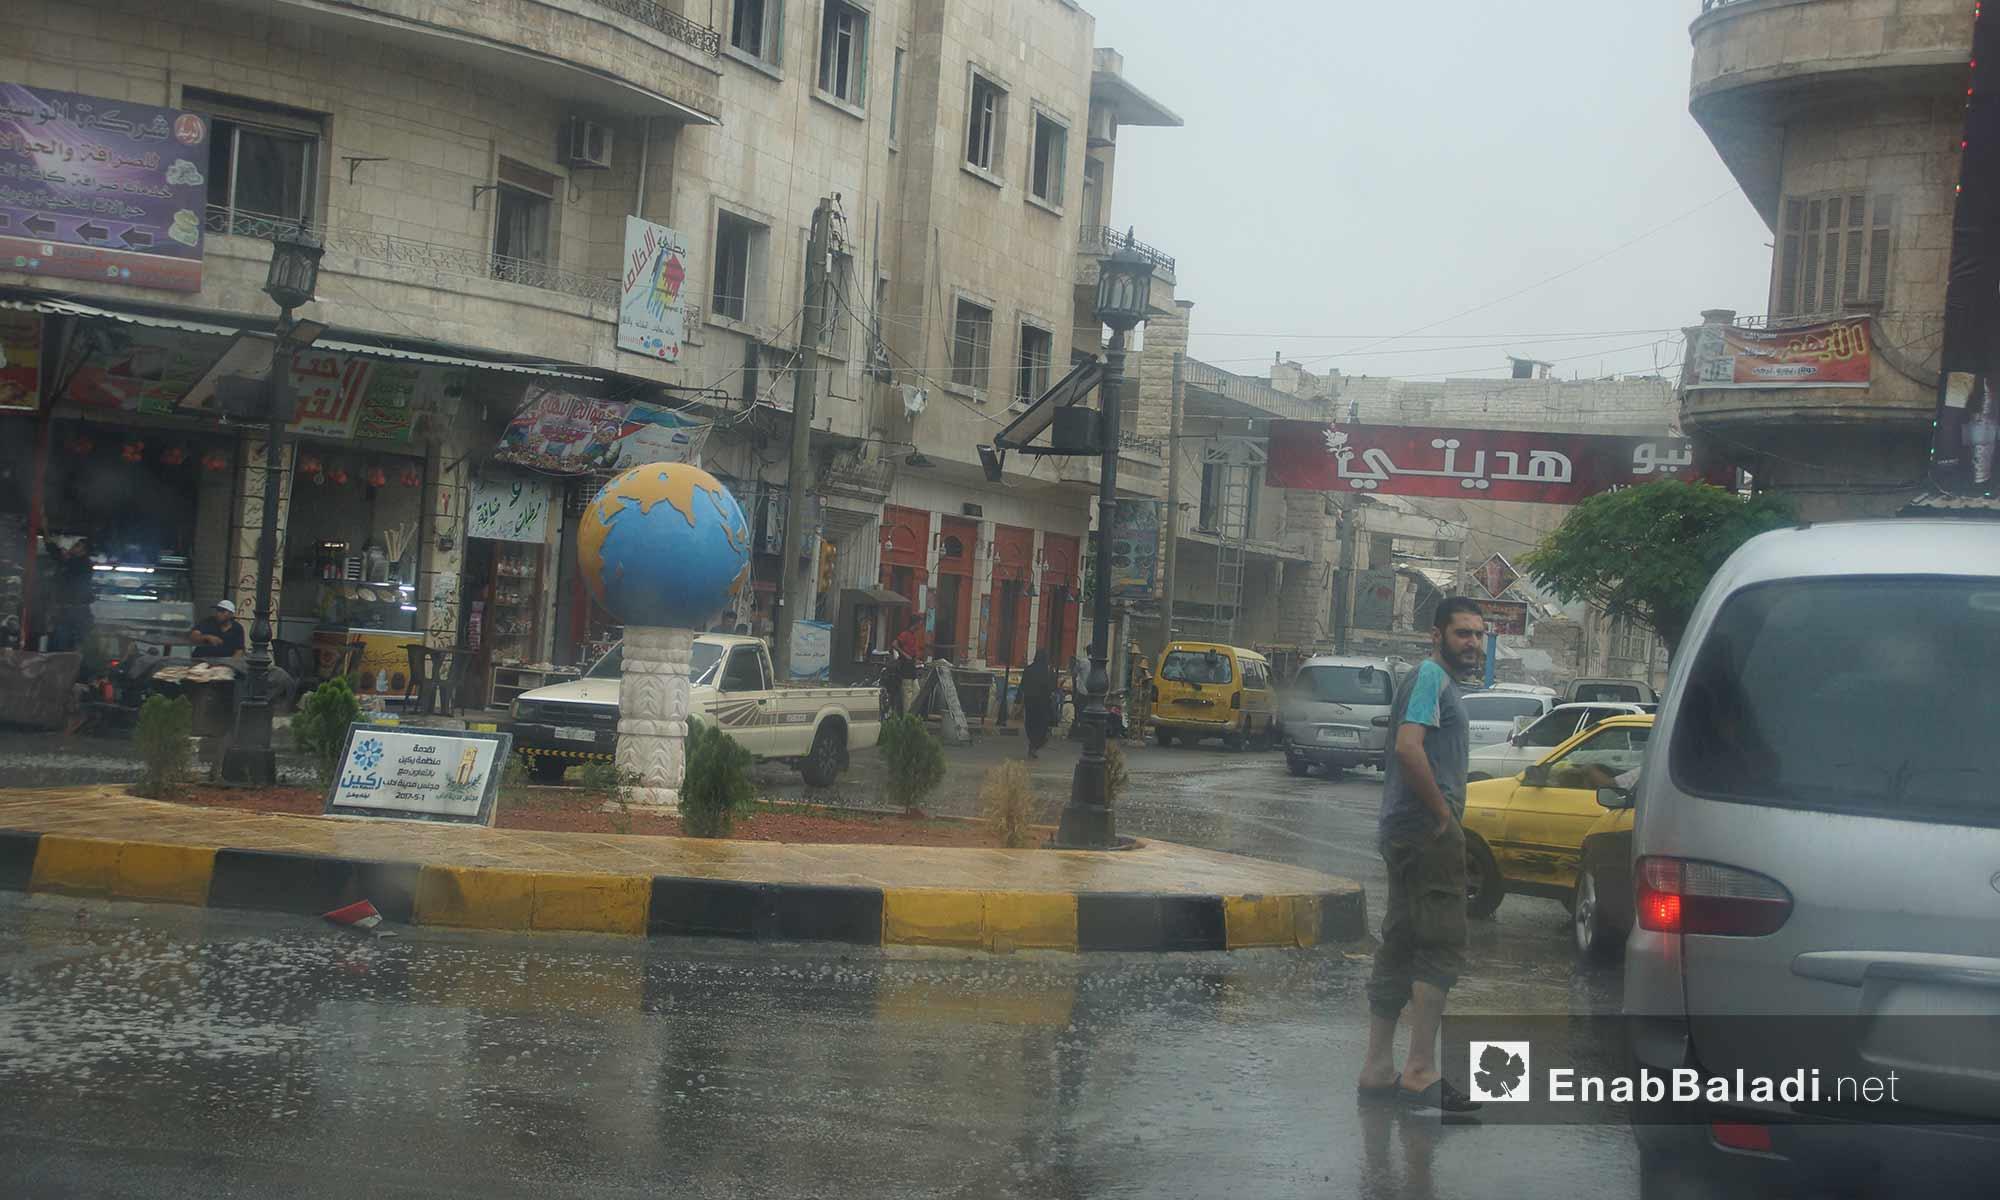 دوار الكرة في مدينة إدلب تحت المطر - 9 تشرين الأول 2017 (عنب بلدي)